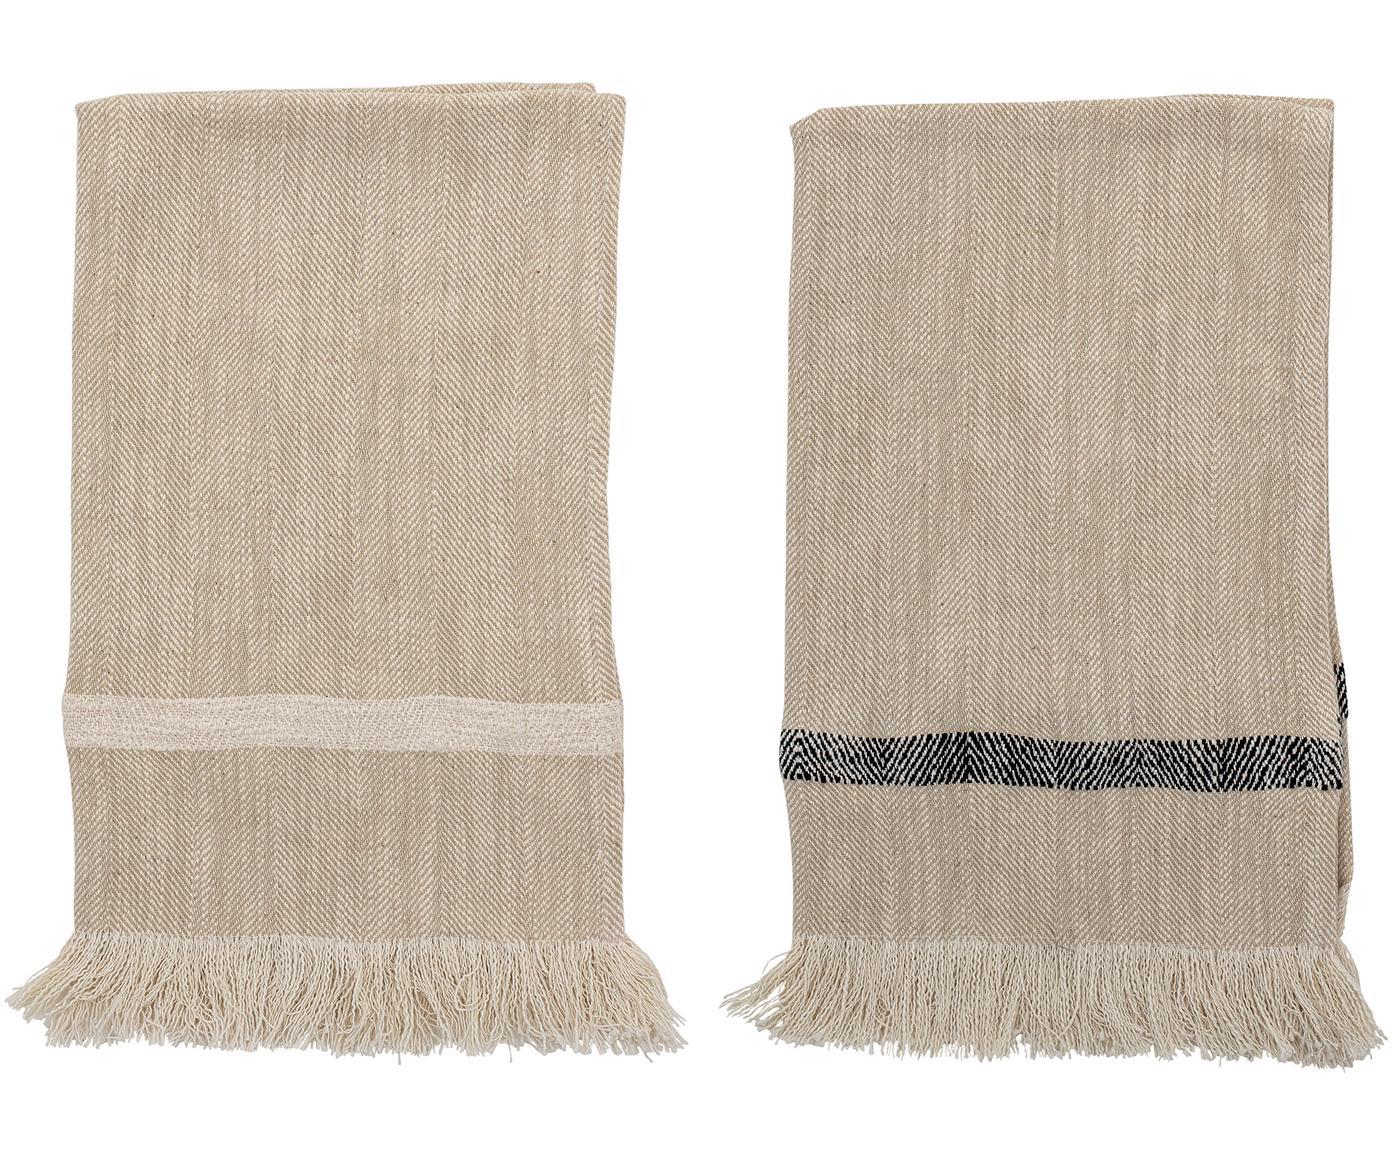 Komplet ręczników kuchennych z frędzlami Nature, 2 elem., Bawełna, Beżowy, S 45 x D 70 cm